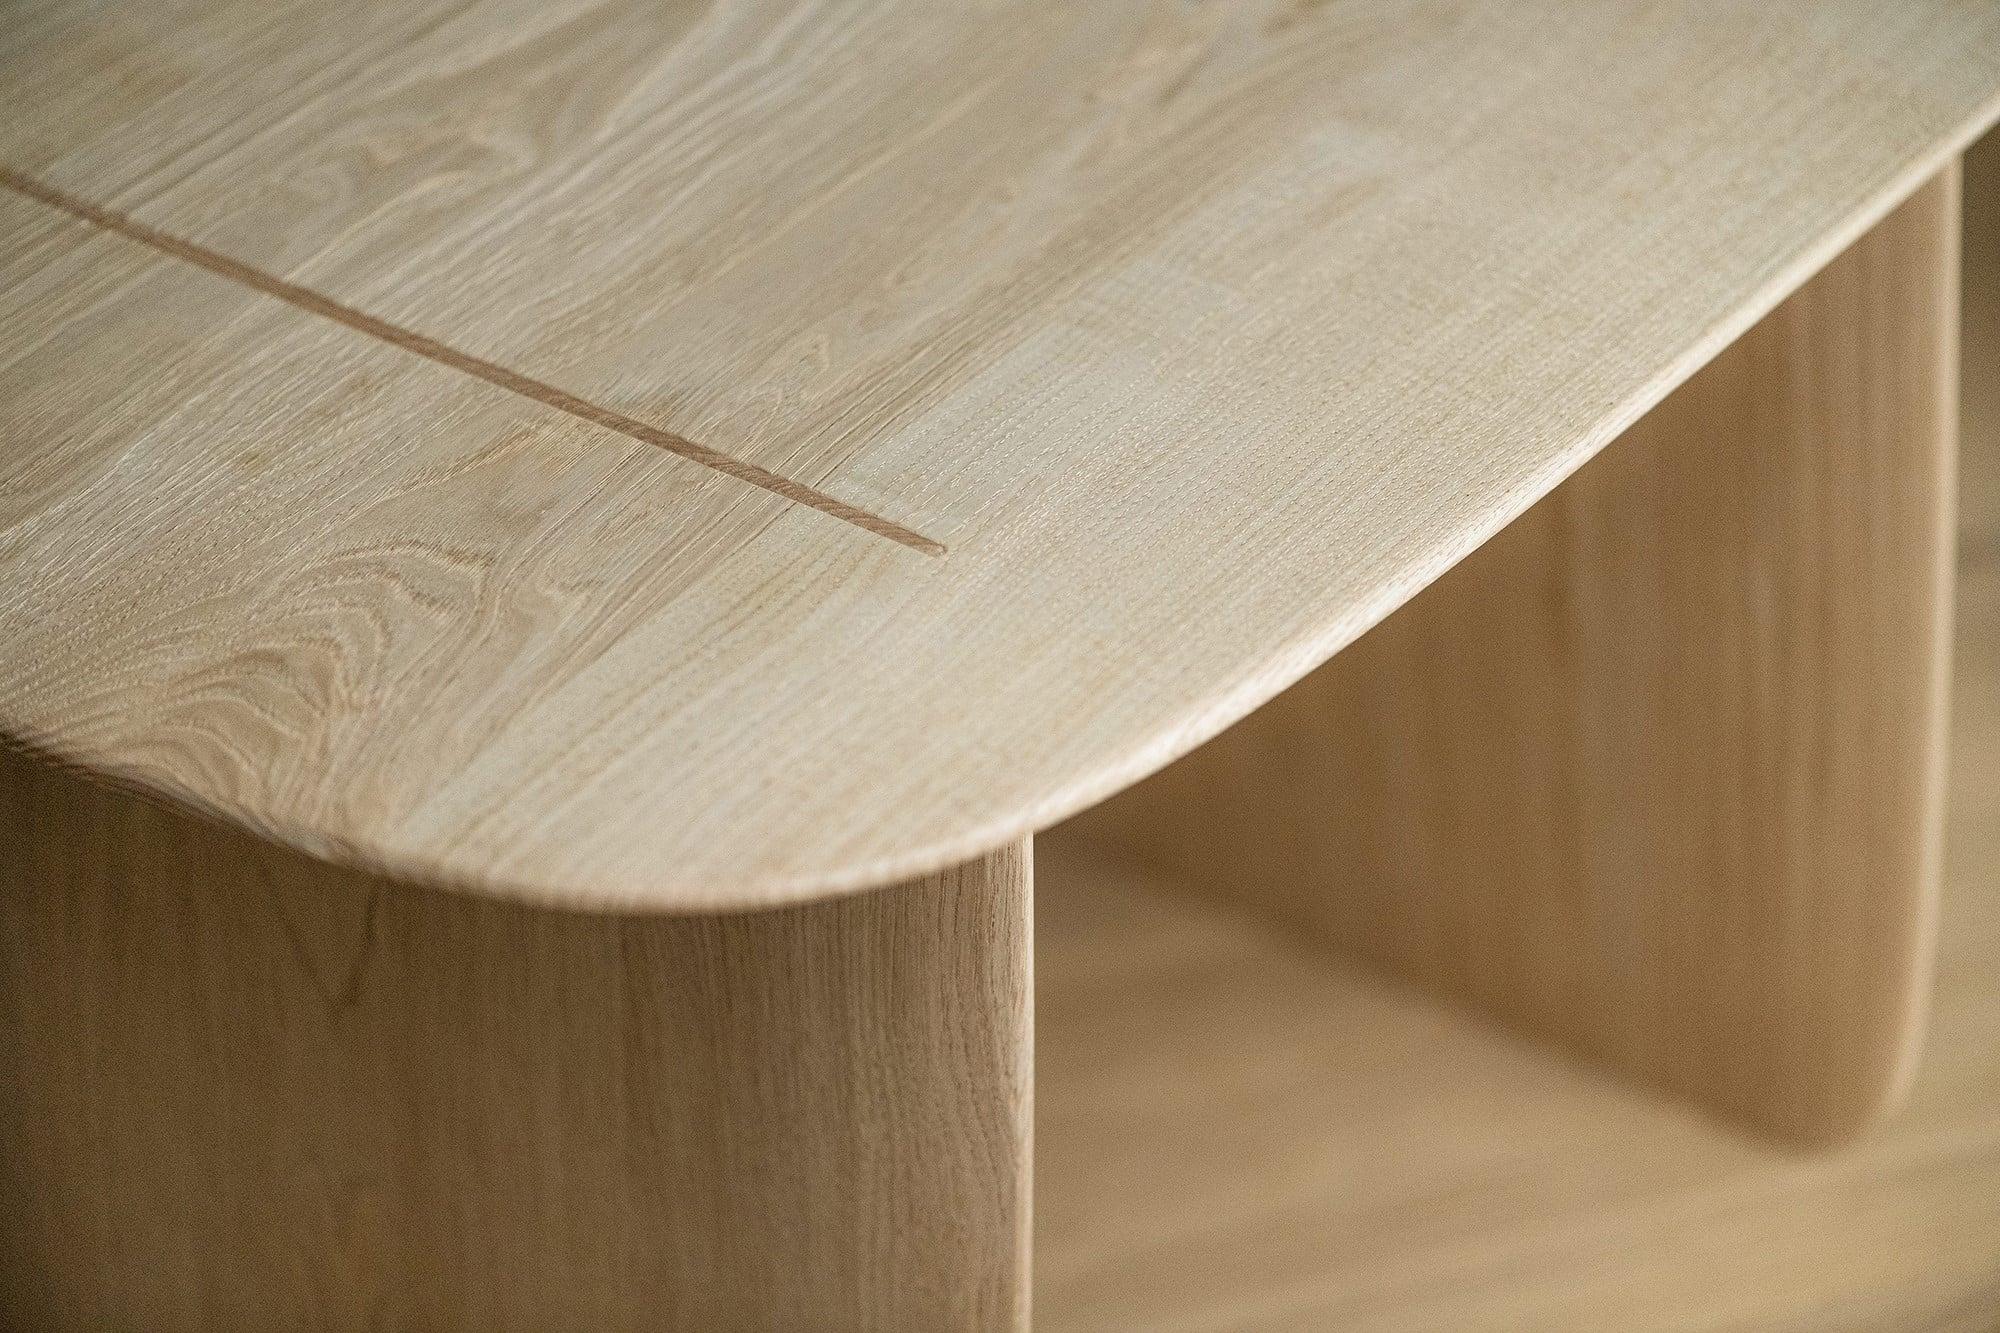 「さしものかぐたかはし」の技術が光る「Hand」のテーブル。